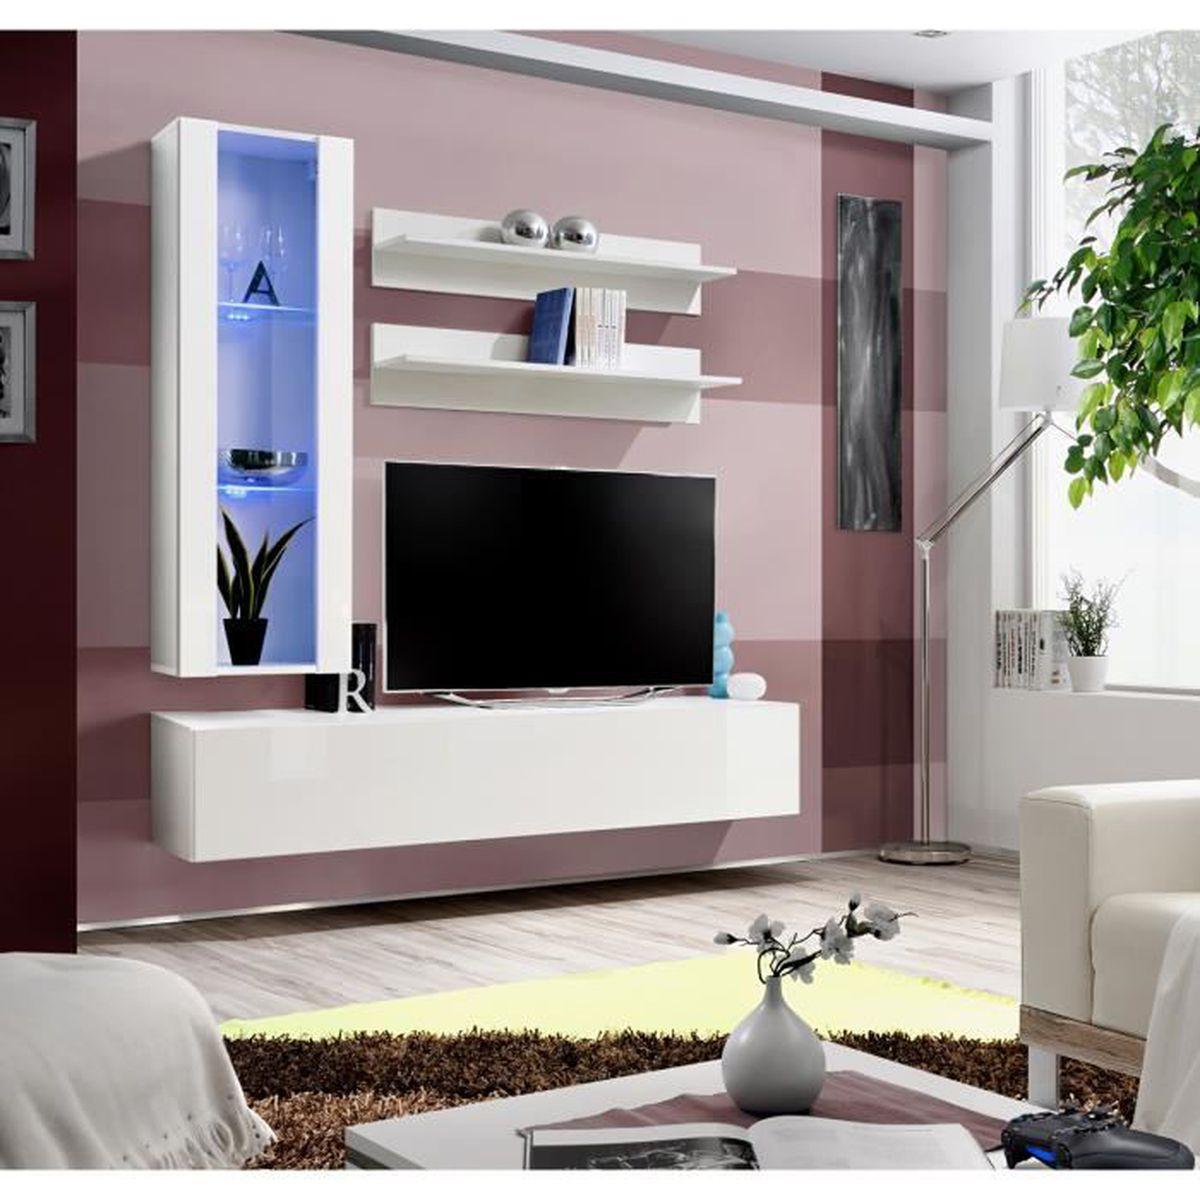 Panneau Mural Derriere Tv ensemble meuble tv mural fly-h blanc de haute brillance avec led